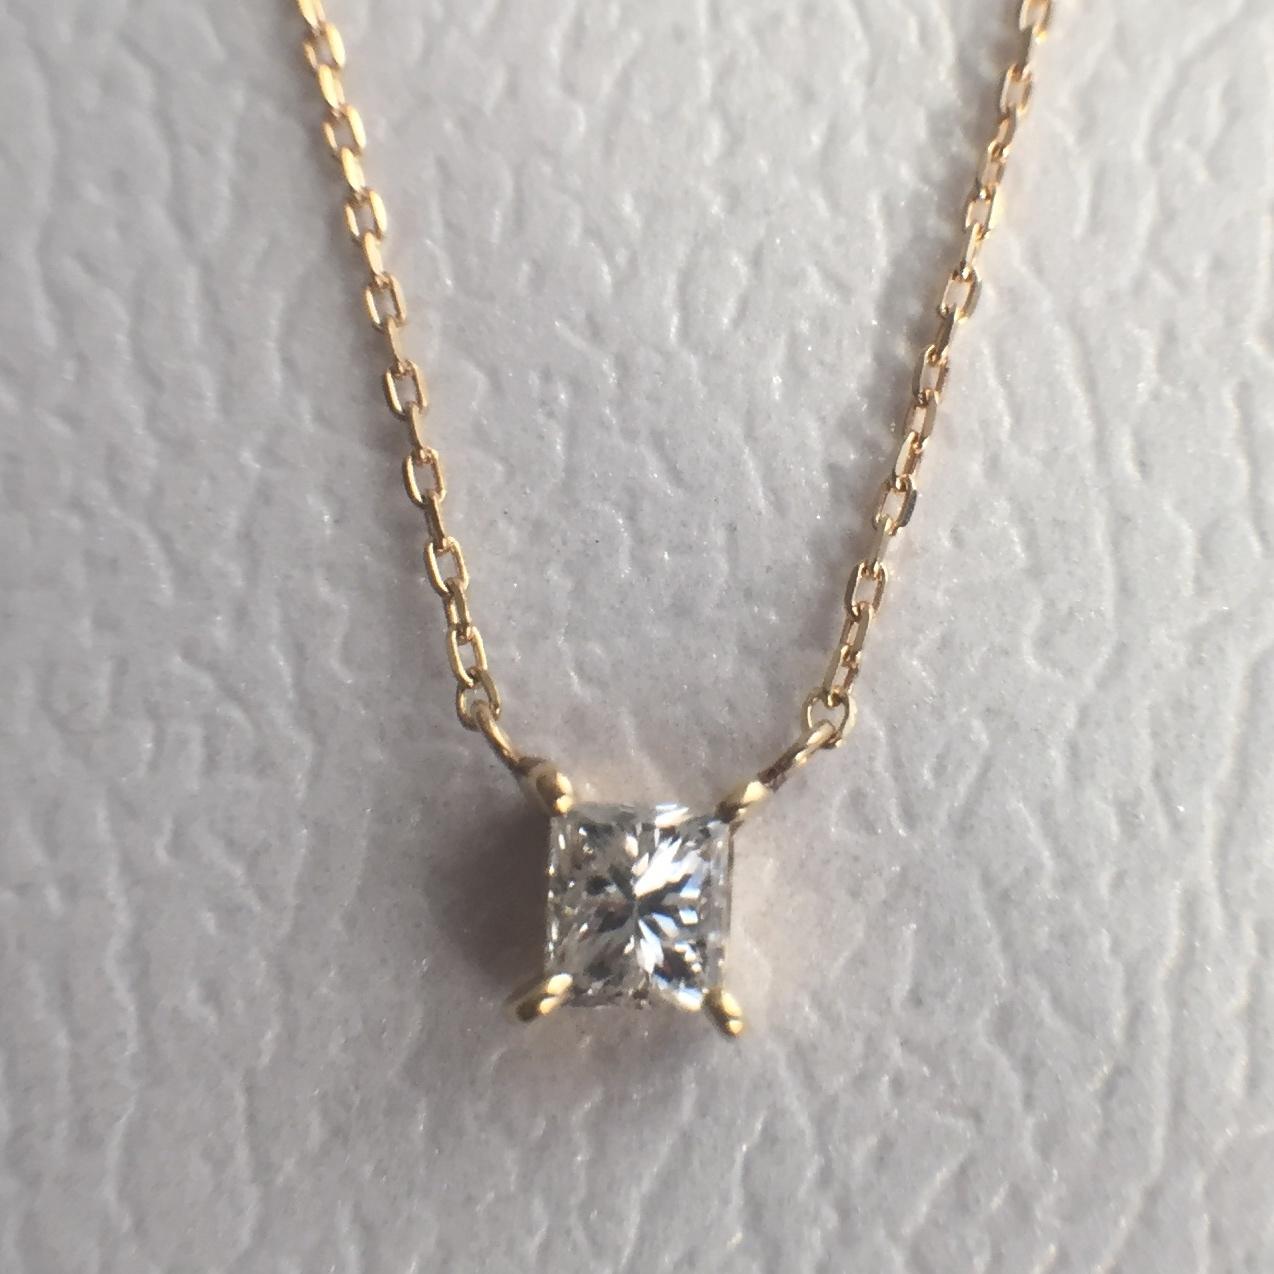 プリンセスカット ダイヤモンド ペンダント 0.170ct K18イエローゴールド  チェカ